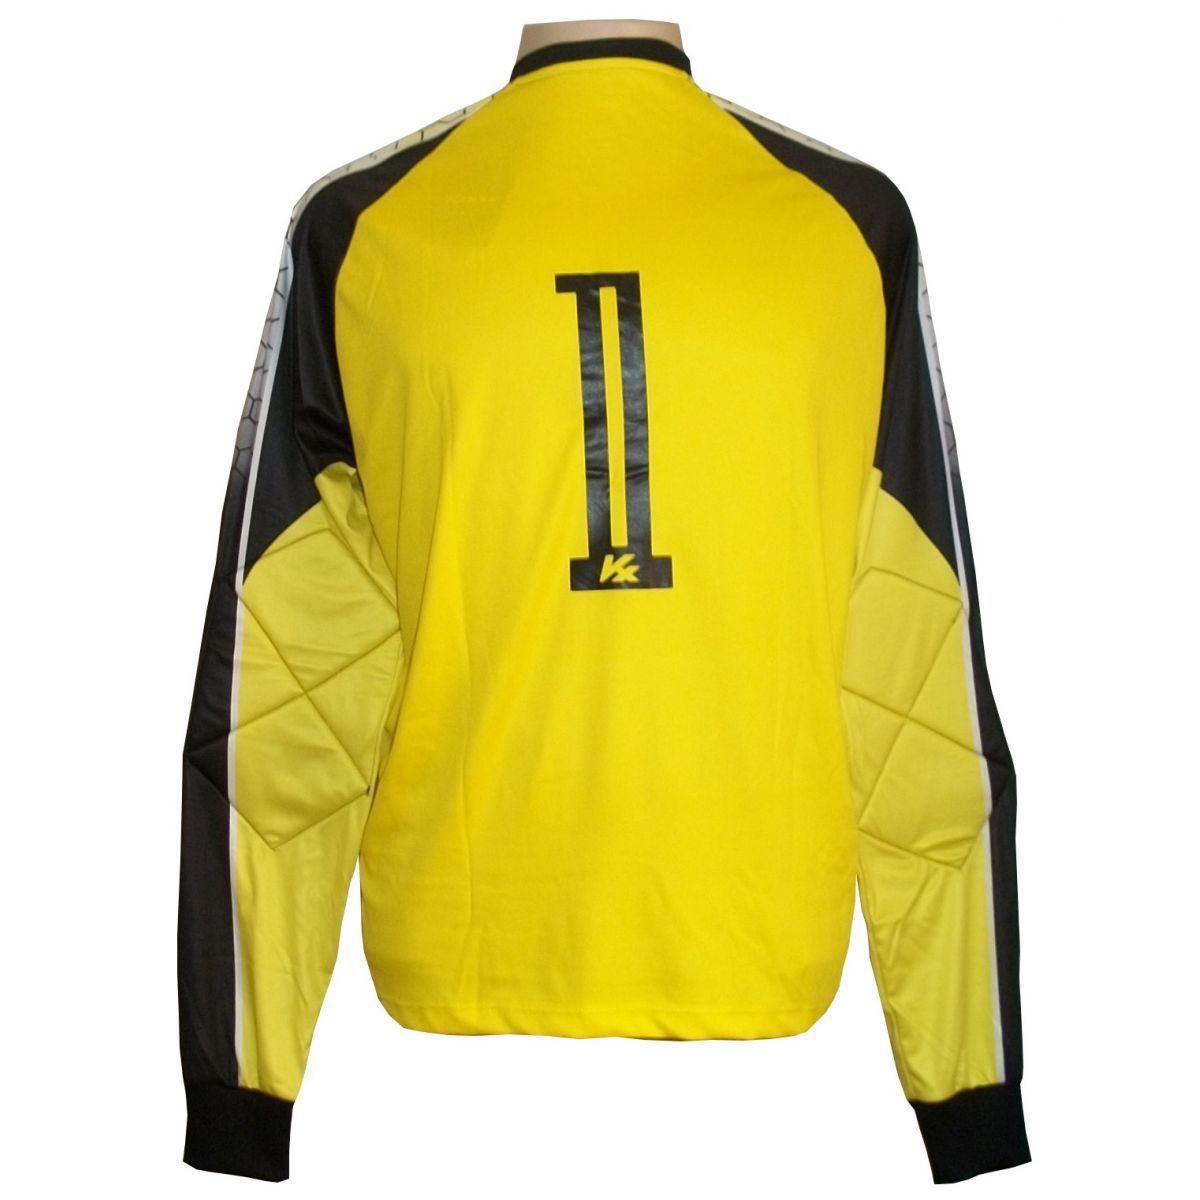 Camisa de Goleiro Profissional modelo Paraí Tam G Nº 1 Amarelo/Preto - Kanxa